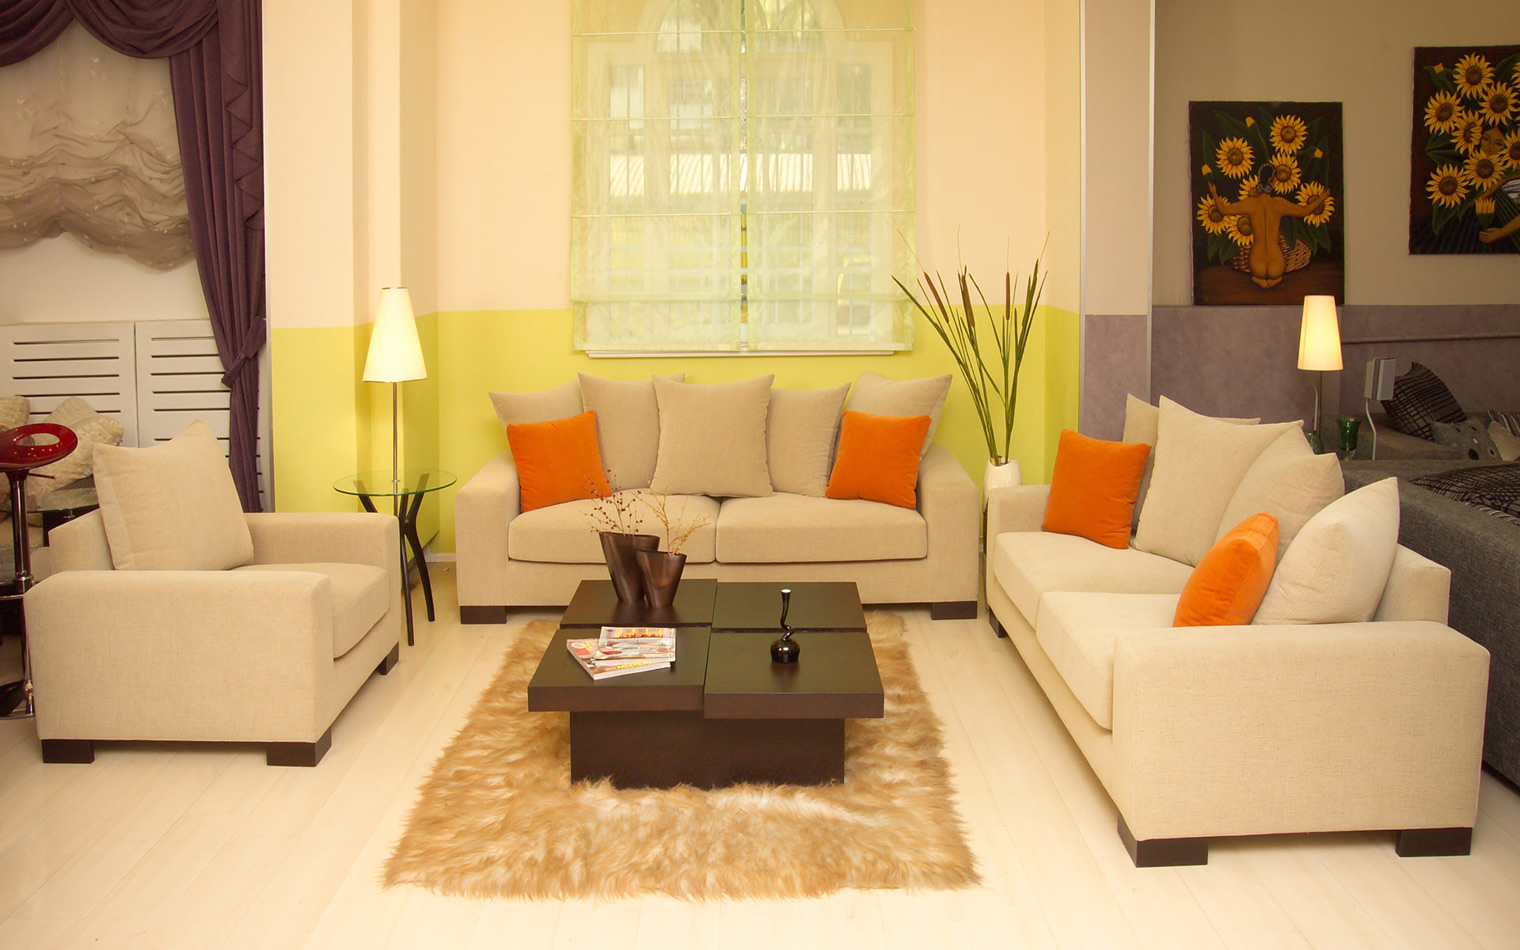 Расположение Мебели В Гостиной Фото Москва